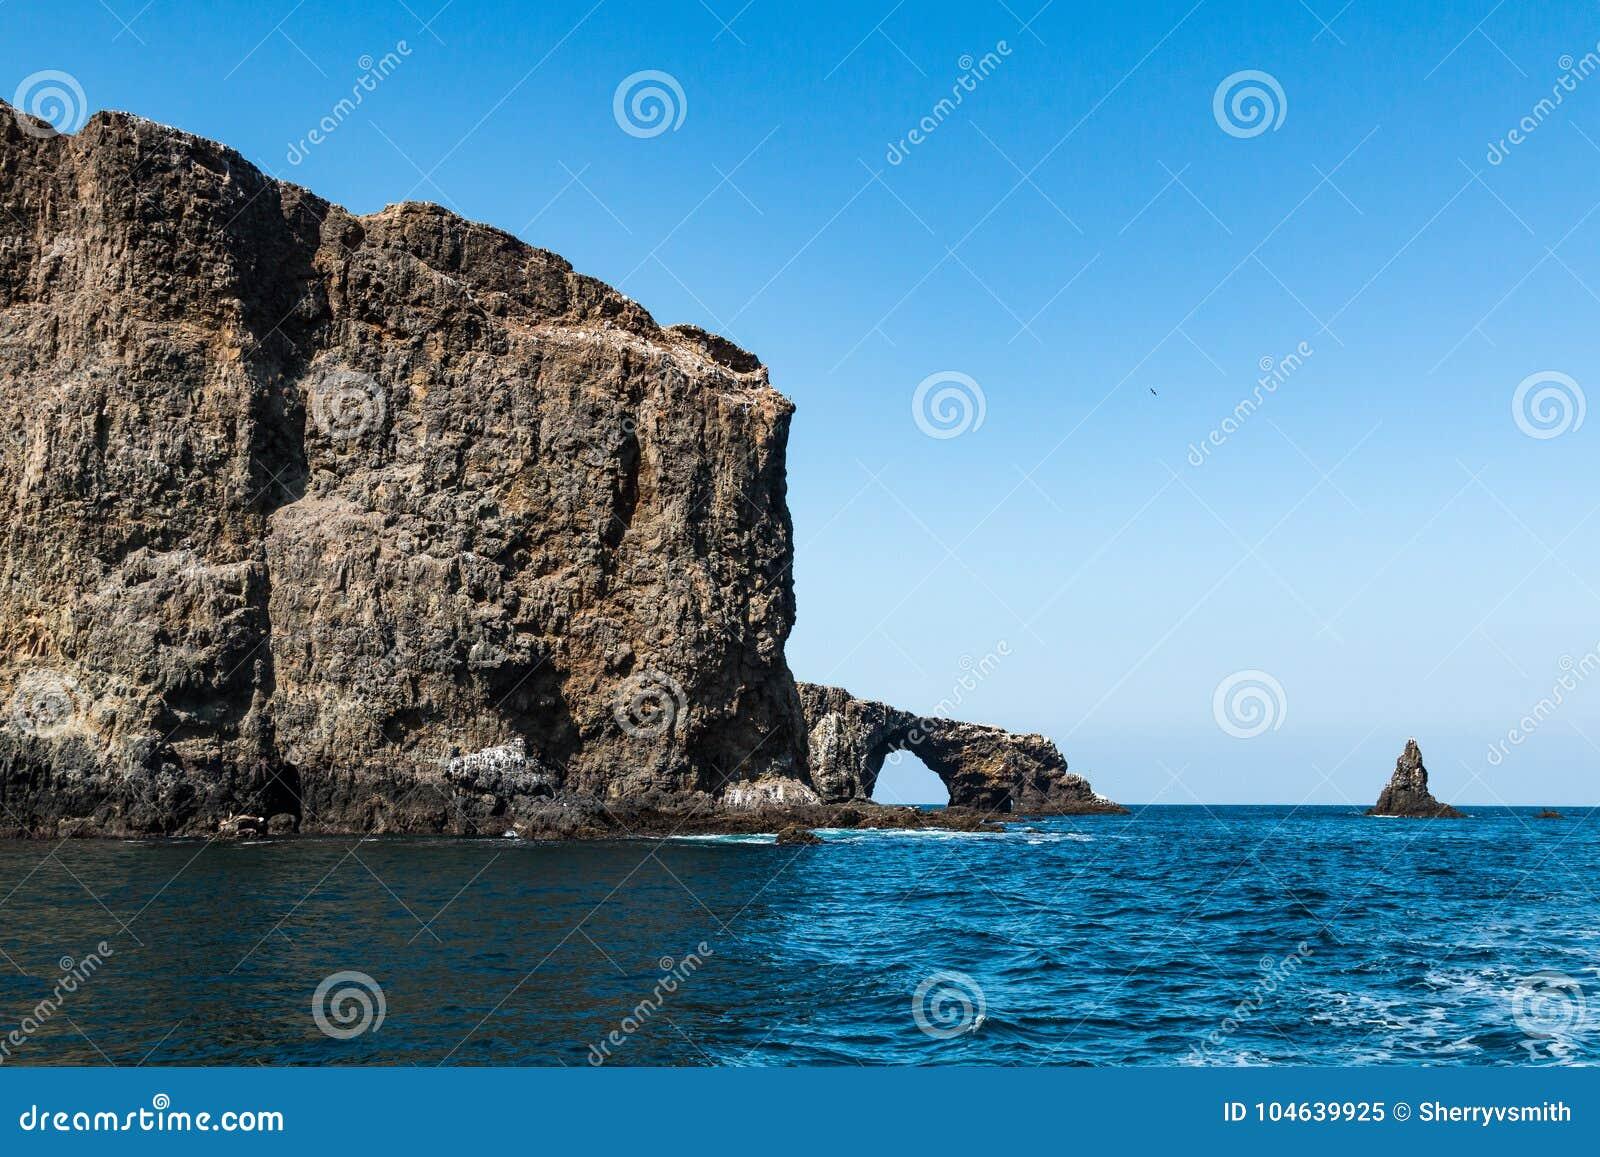 Download Boogrots En Anacapa-Eiland In Zuidelijk Californië Stock Afbeelding - Afbeelding bestaande uit naughty, east: 104639925